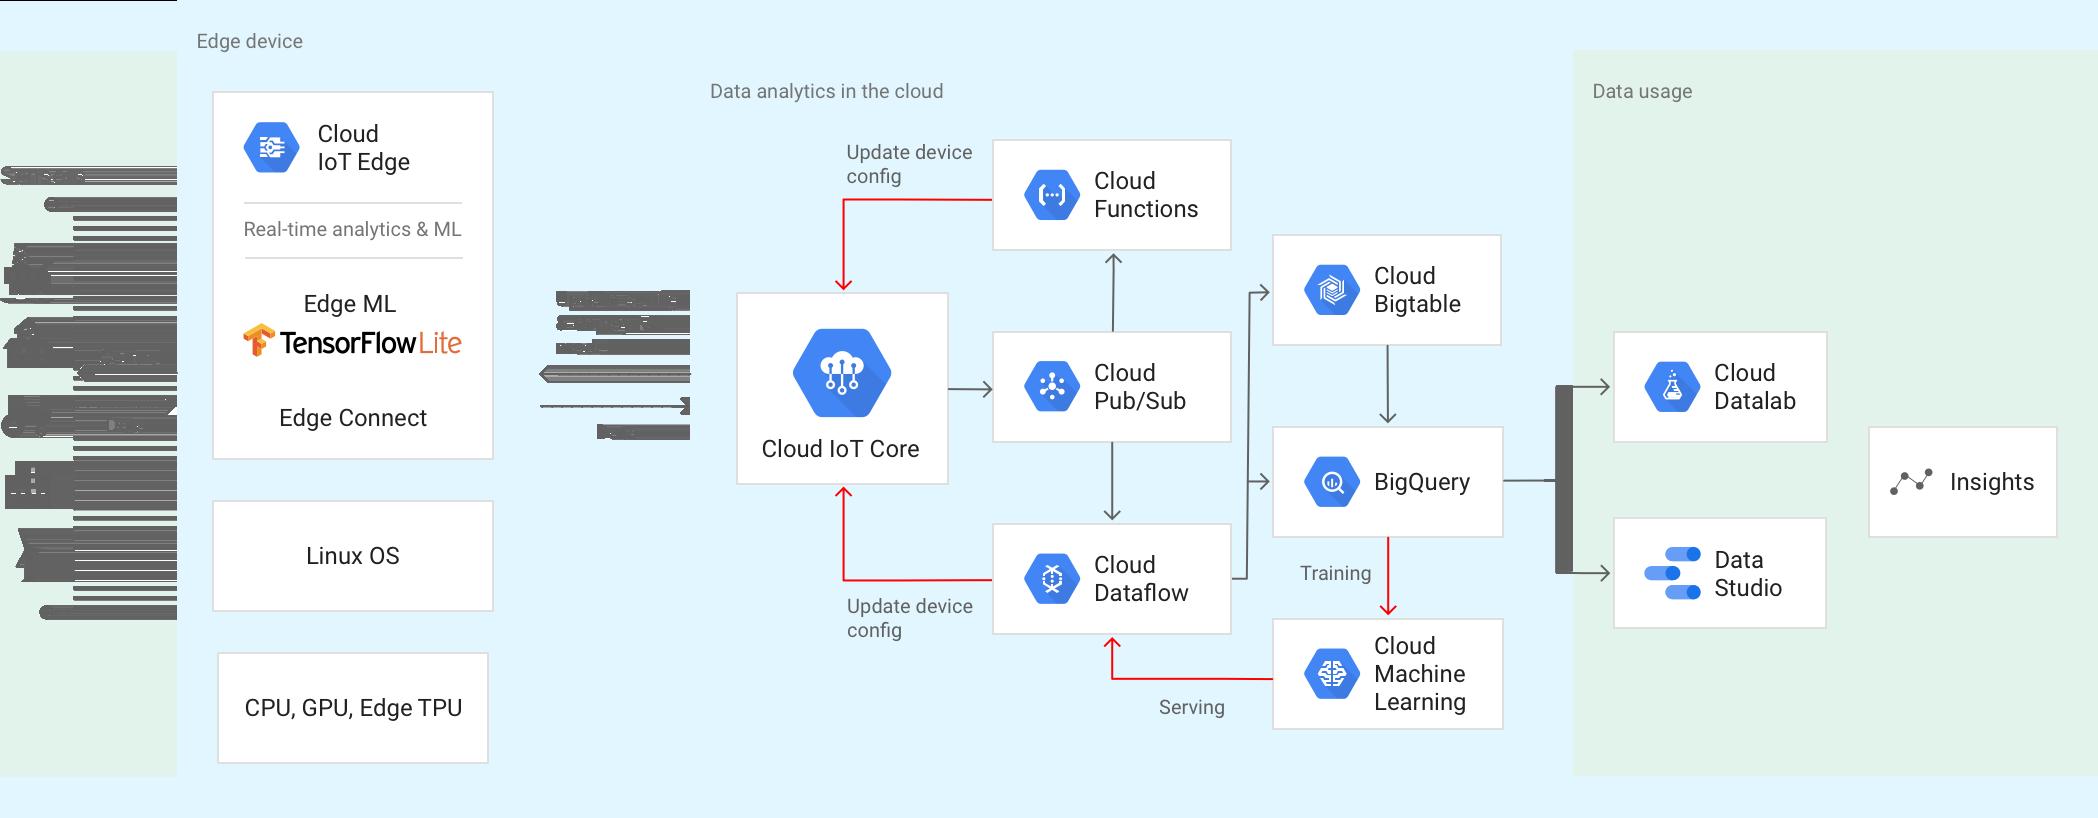 https://cloud.google.com/images/solutions/iot/iot_2x.png?hl=ja